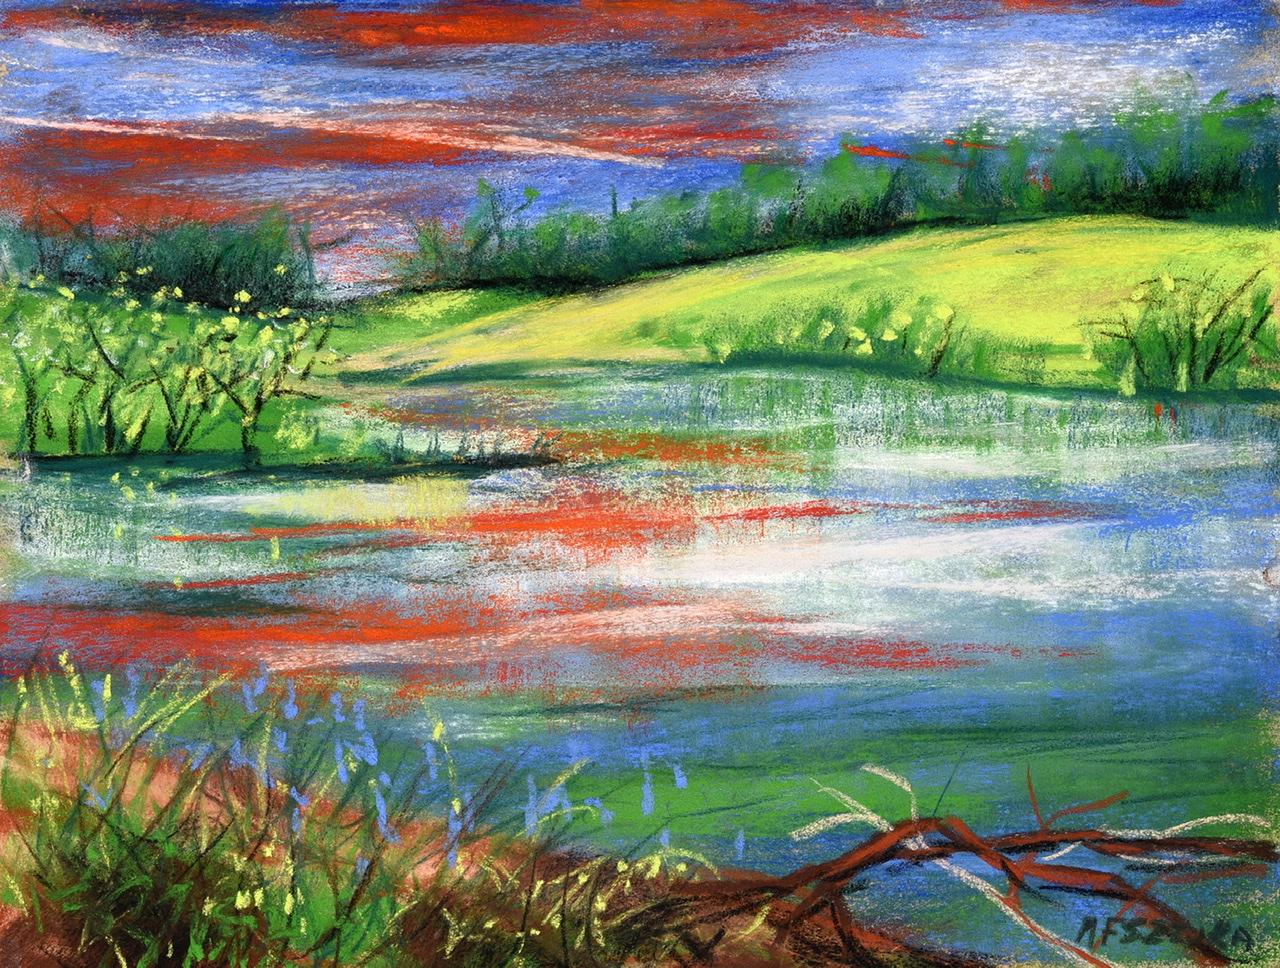 """<span style=""""color: #ff0000;""""><a style=""""color: #ff0000;"""" href=""""mailto:mfsztuka@orange.fr?subject=Défi 15 dessins 15 semaines -  Etang de Blanchamp"""">Contacter l'artiste</a></span> Marie-Françoise Sztuka -  Etang de Blanchamp - 40 euros (transaction directement avec l'artiste) - pastel sec sur pastel card 24 x 33 cm"""